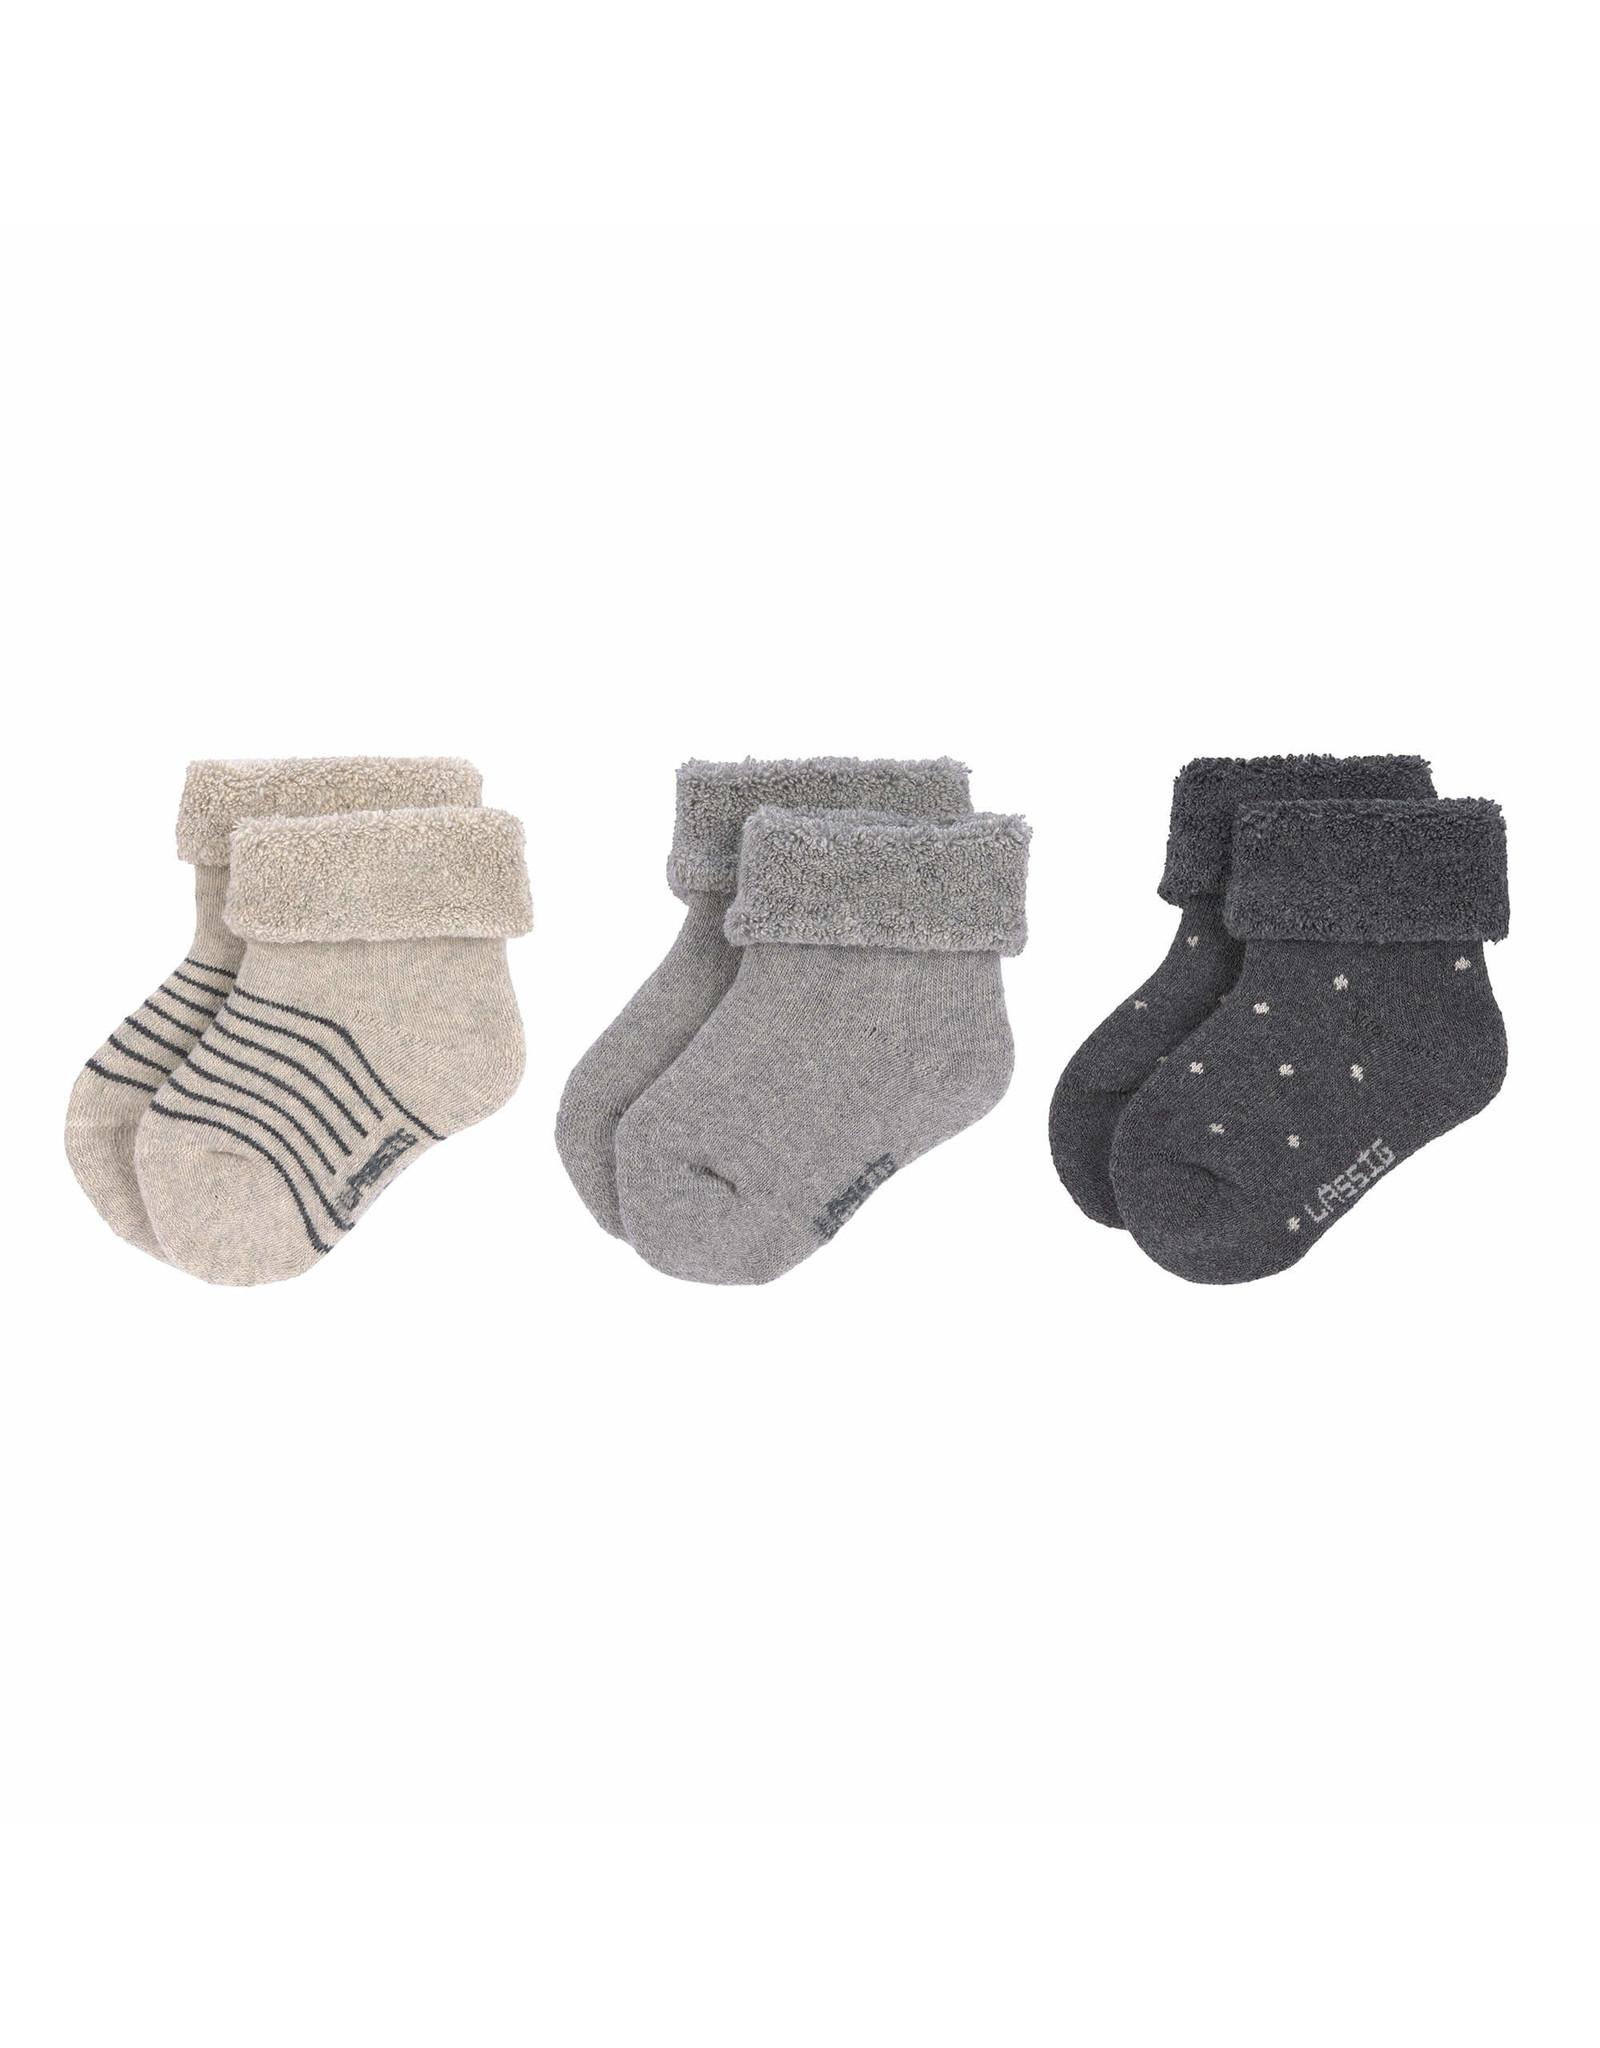 Lassig Lassig Newborn Socks 3pcs Grey